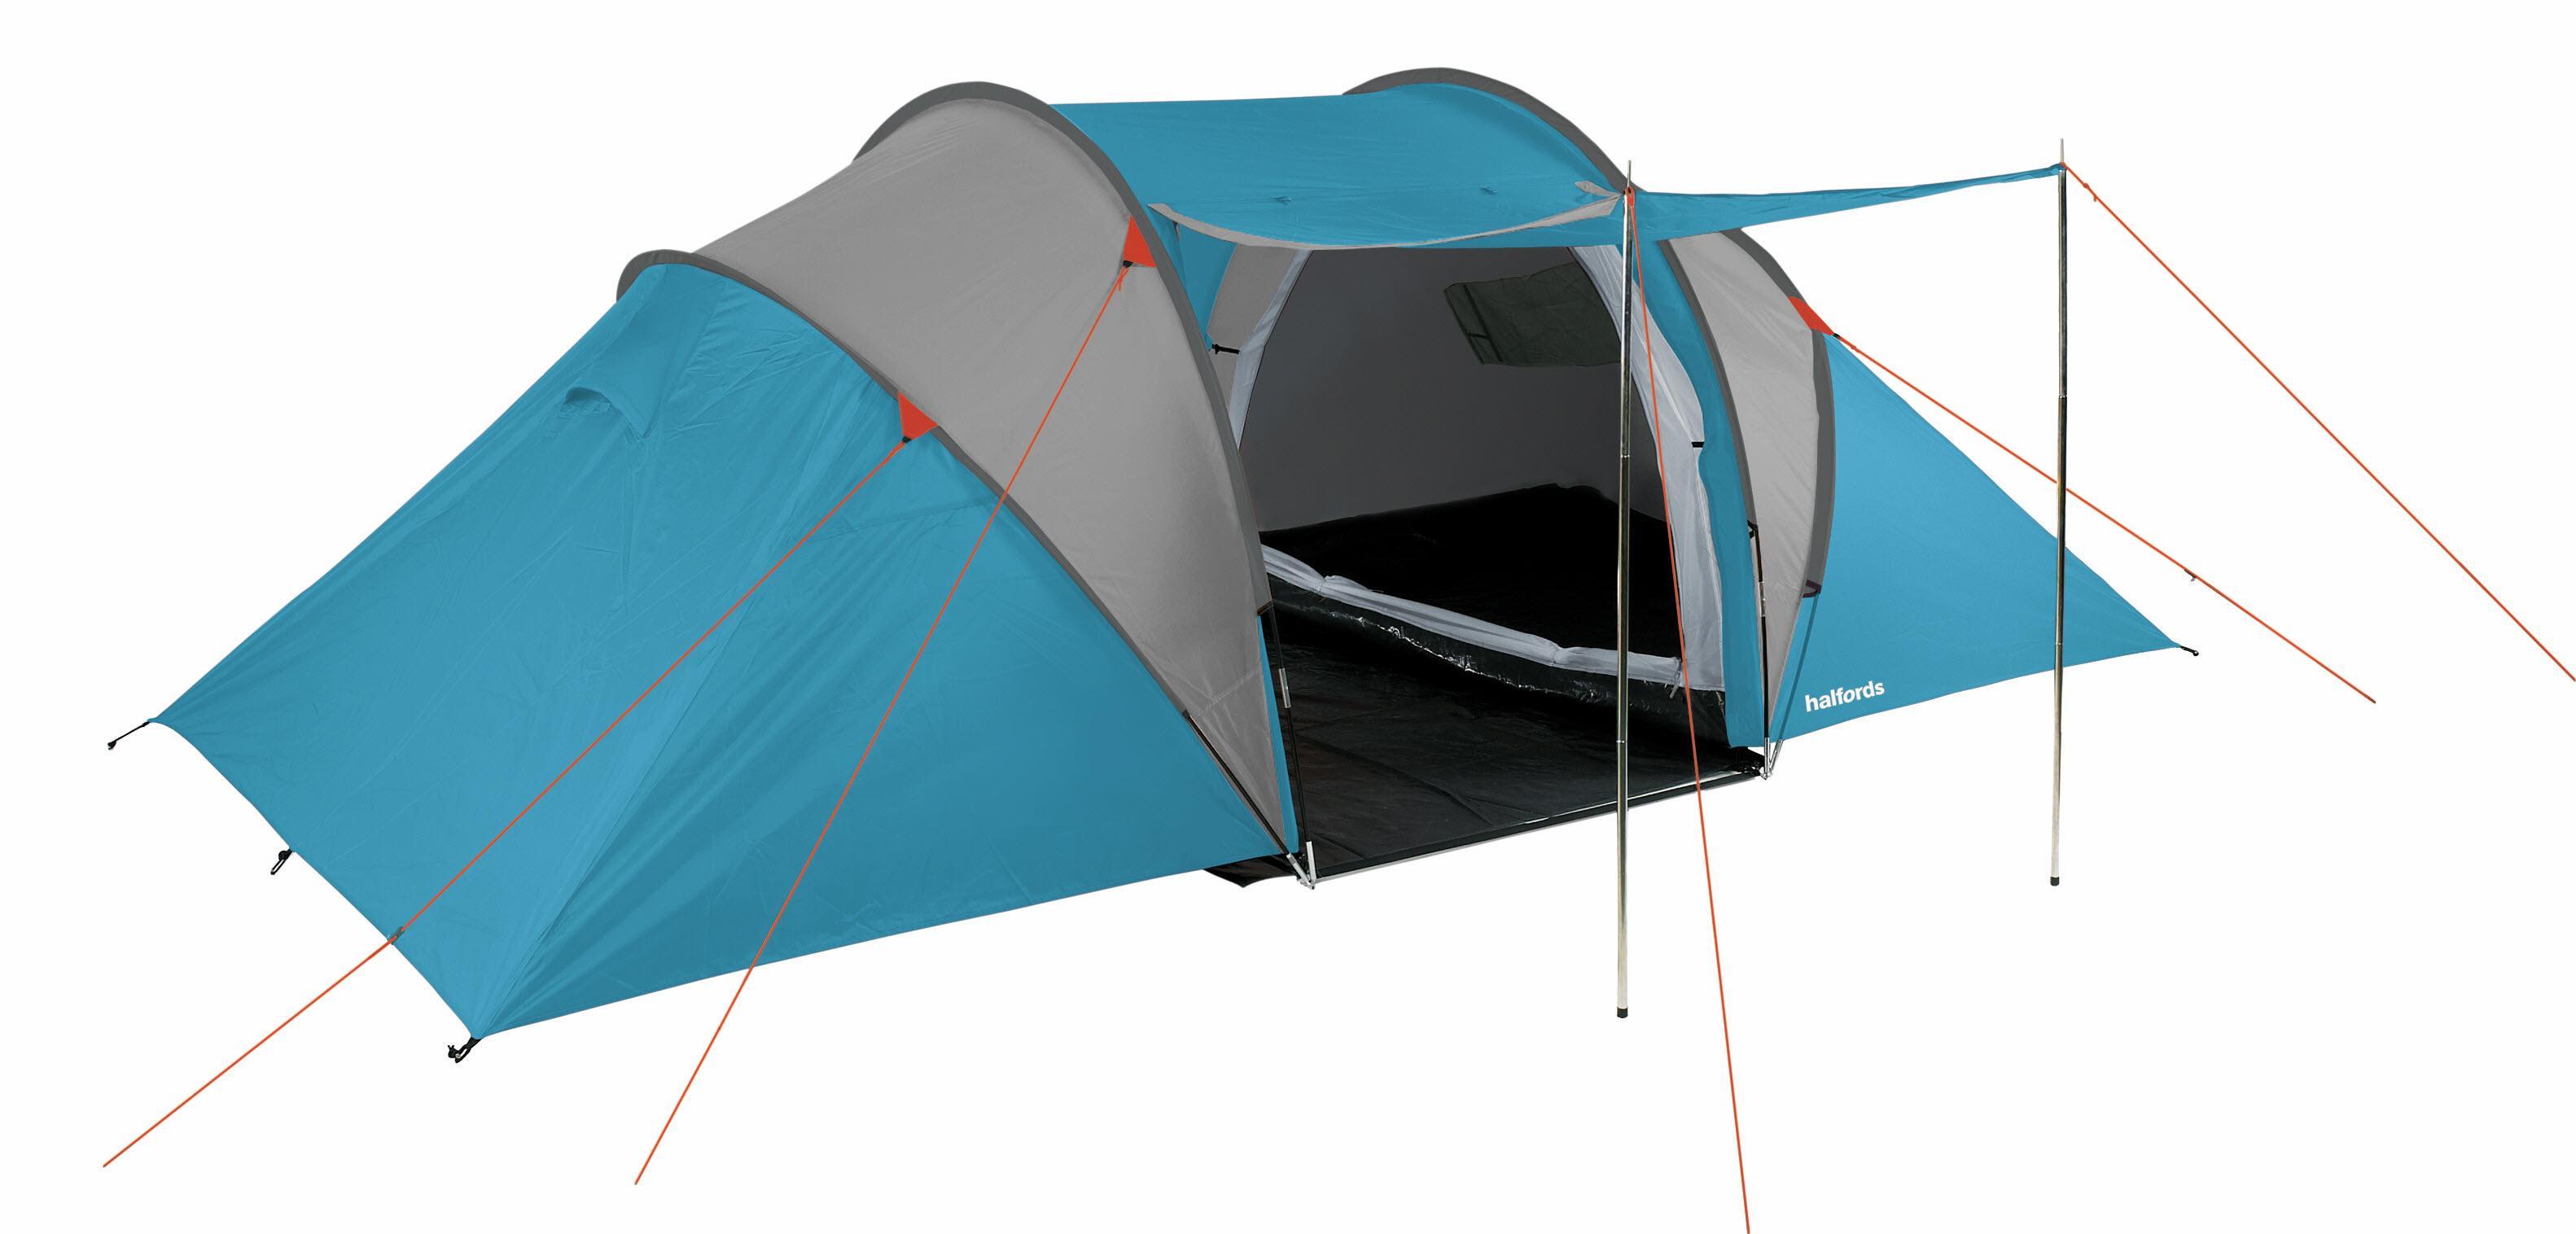 Halfords 4 Man Vis A Vis Tent - Light Blue  sc 1 st  Halfords & Halfords 4 Man Vis A Vis Tent - Lig...